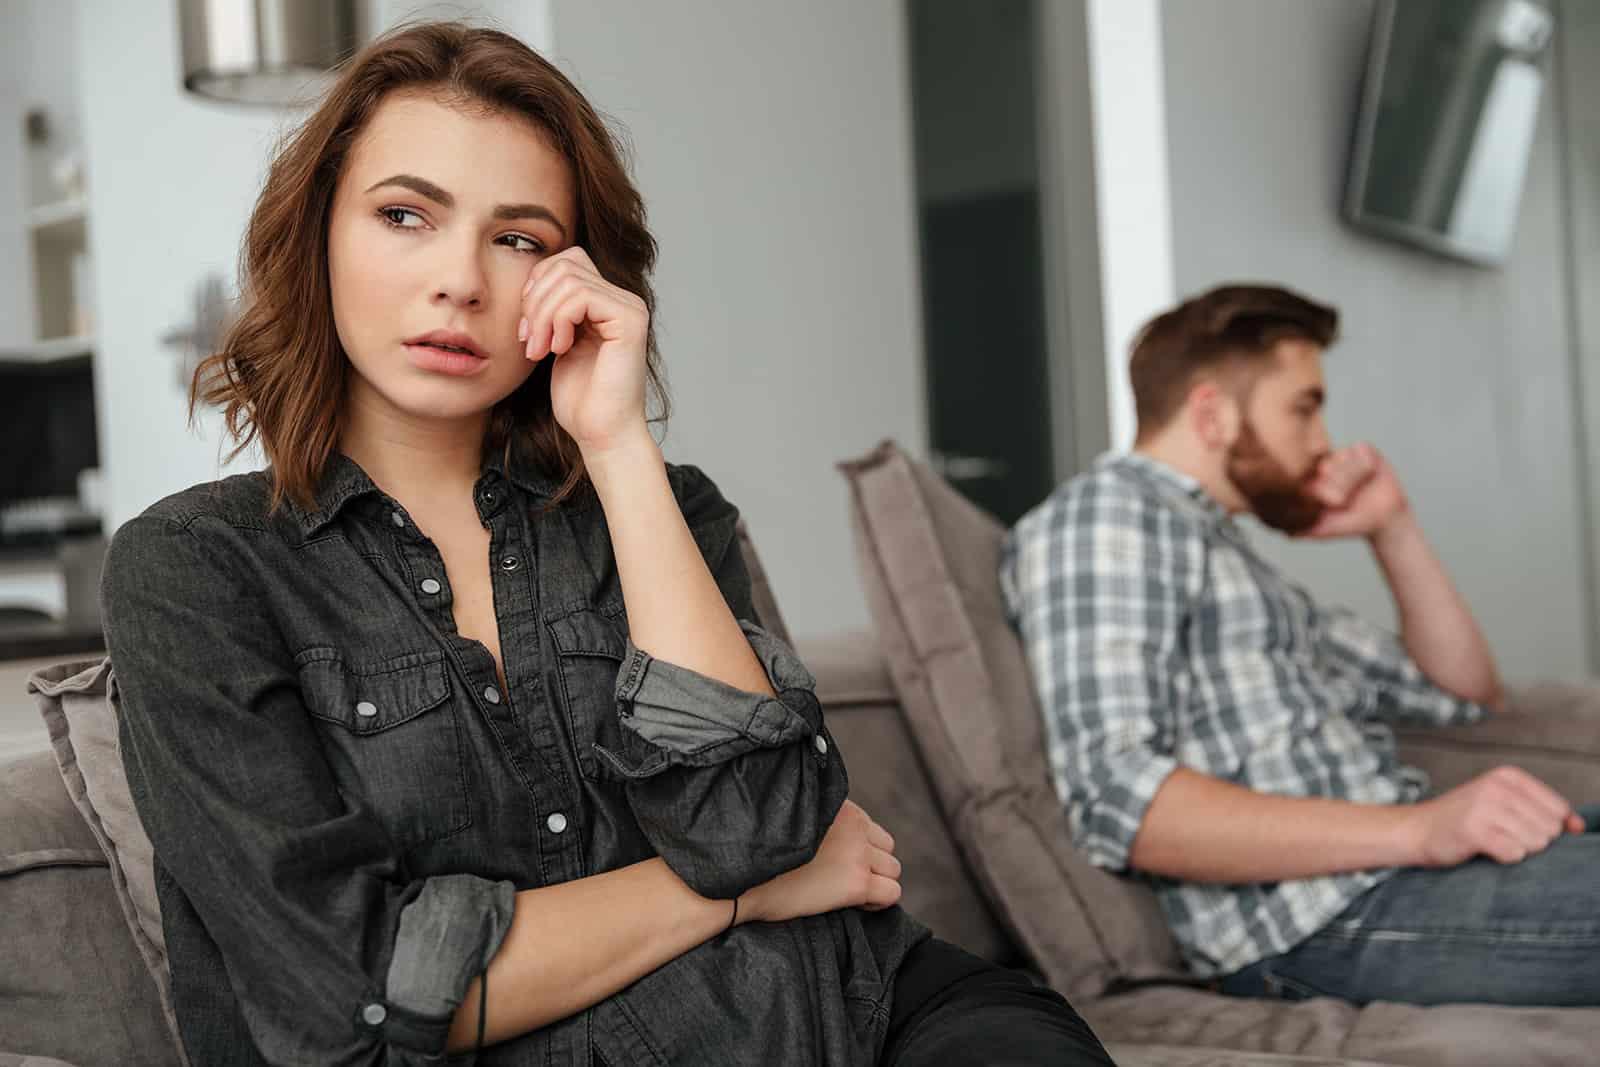 traurige Frau, die auf der Couch sitzt und sich von ihrem Freund abwendet